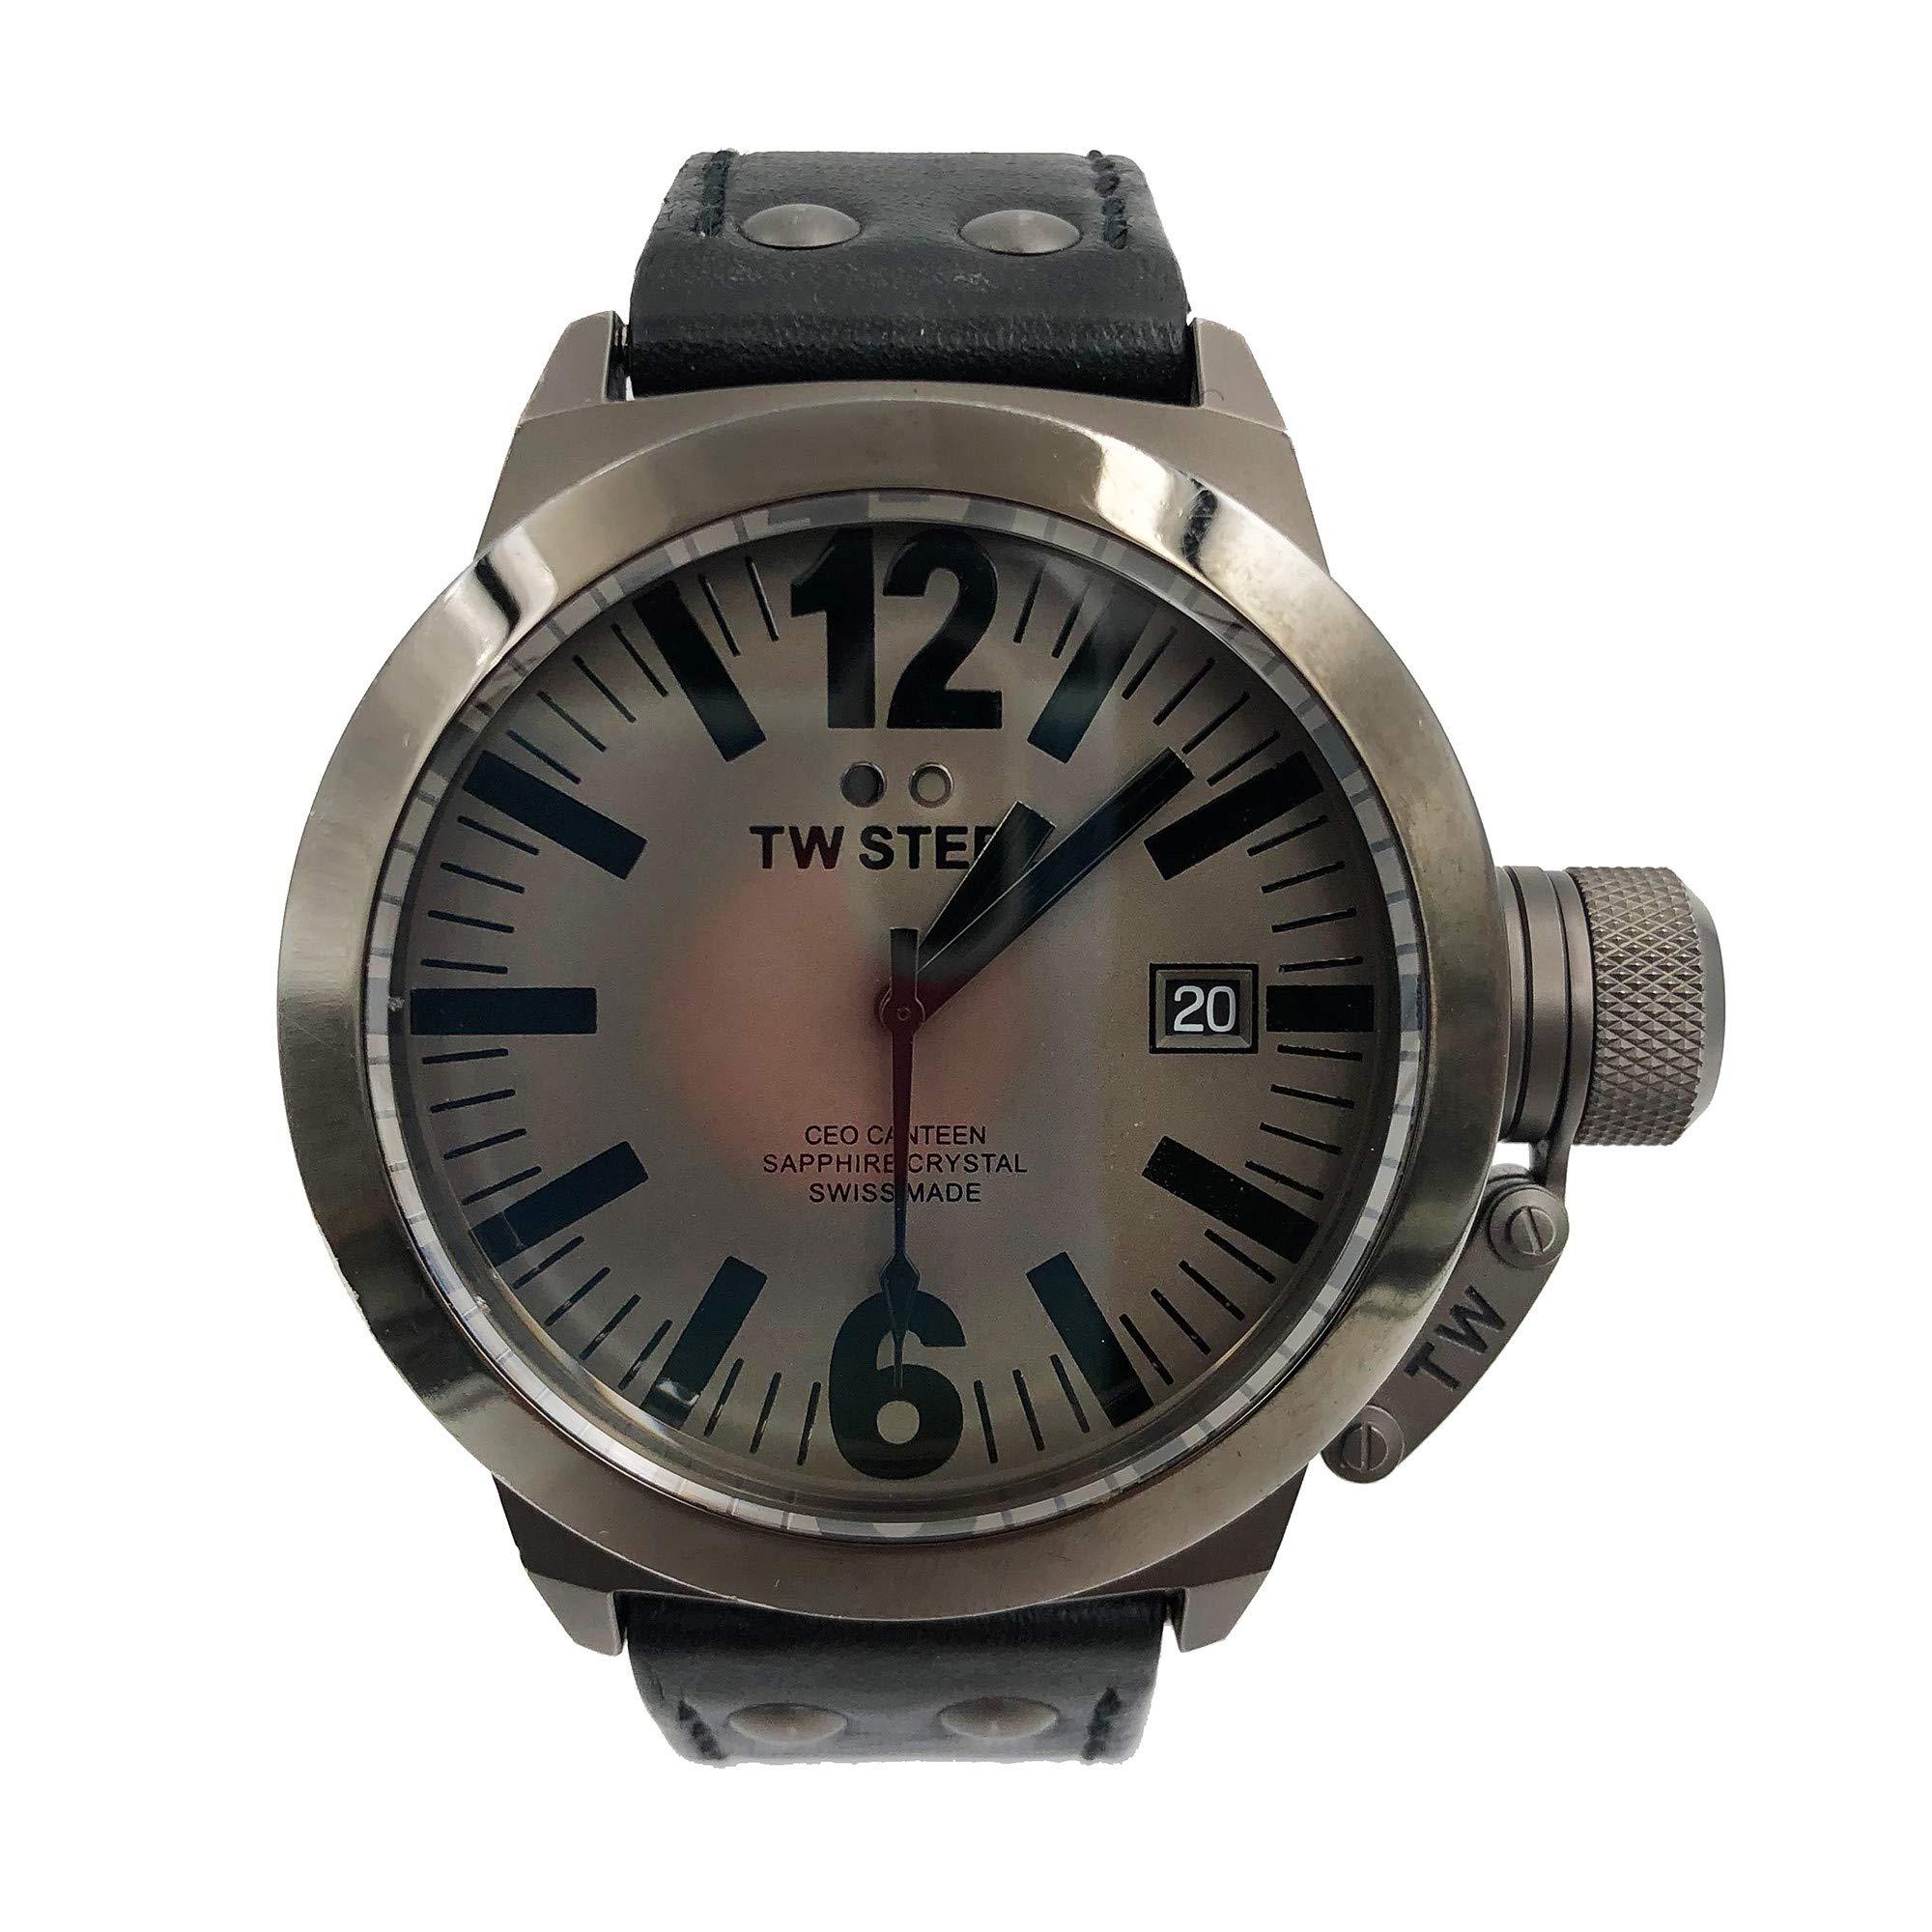 TW Steel CEO Quartz Male Watch CE1051 (Certified Pre-Owned) by TW Steel